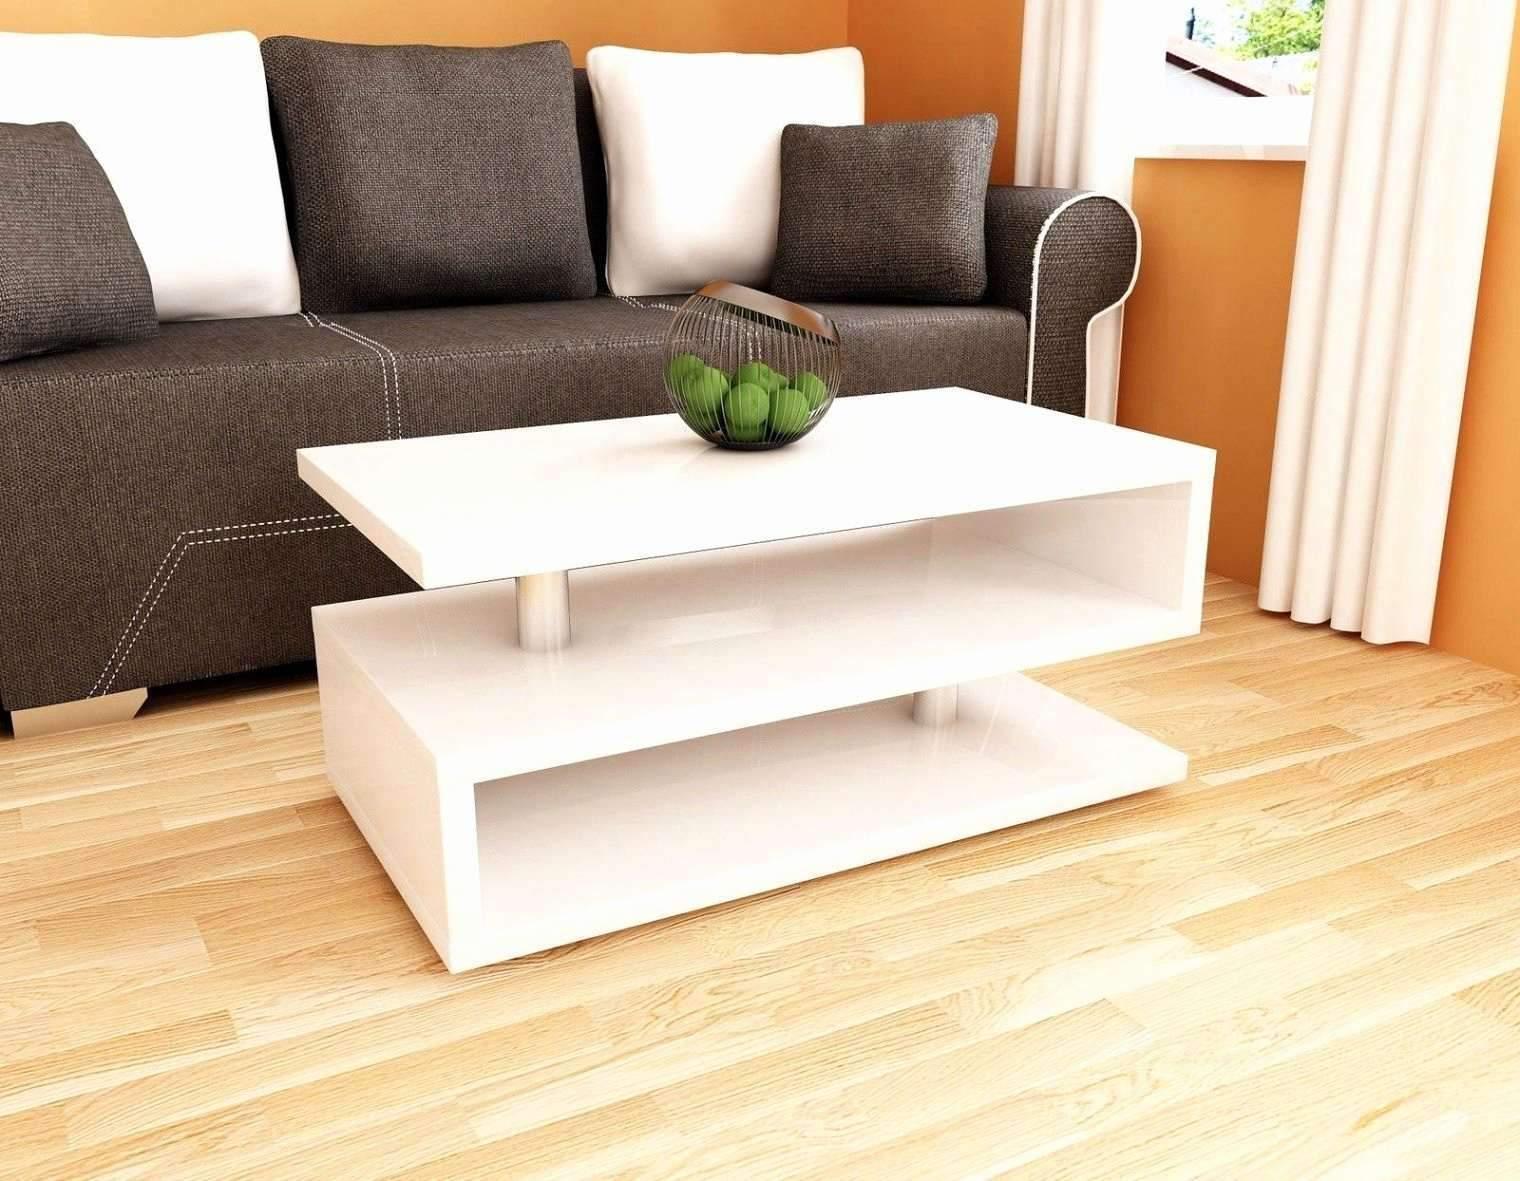 Full Size of Wanddeko Wohnzimmer Holz Ideen Selber Machen Modern Amazon Diy Ebay Metall Silber Bilder Ikea Wanddekoration Inspirierend Wohnwand Teppiche Rollo Deckenlampen Wohnzimmer Wanddeko Wohnzimmer